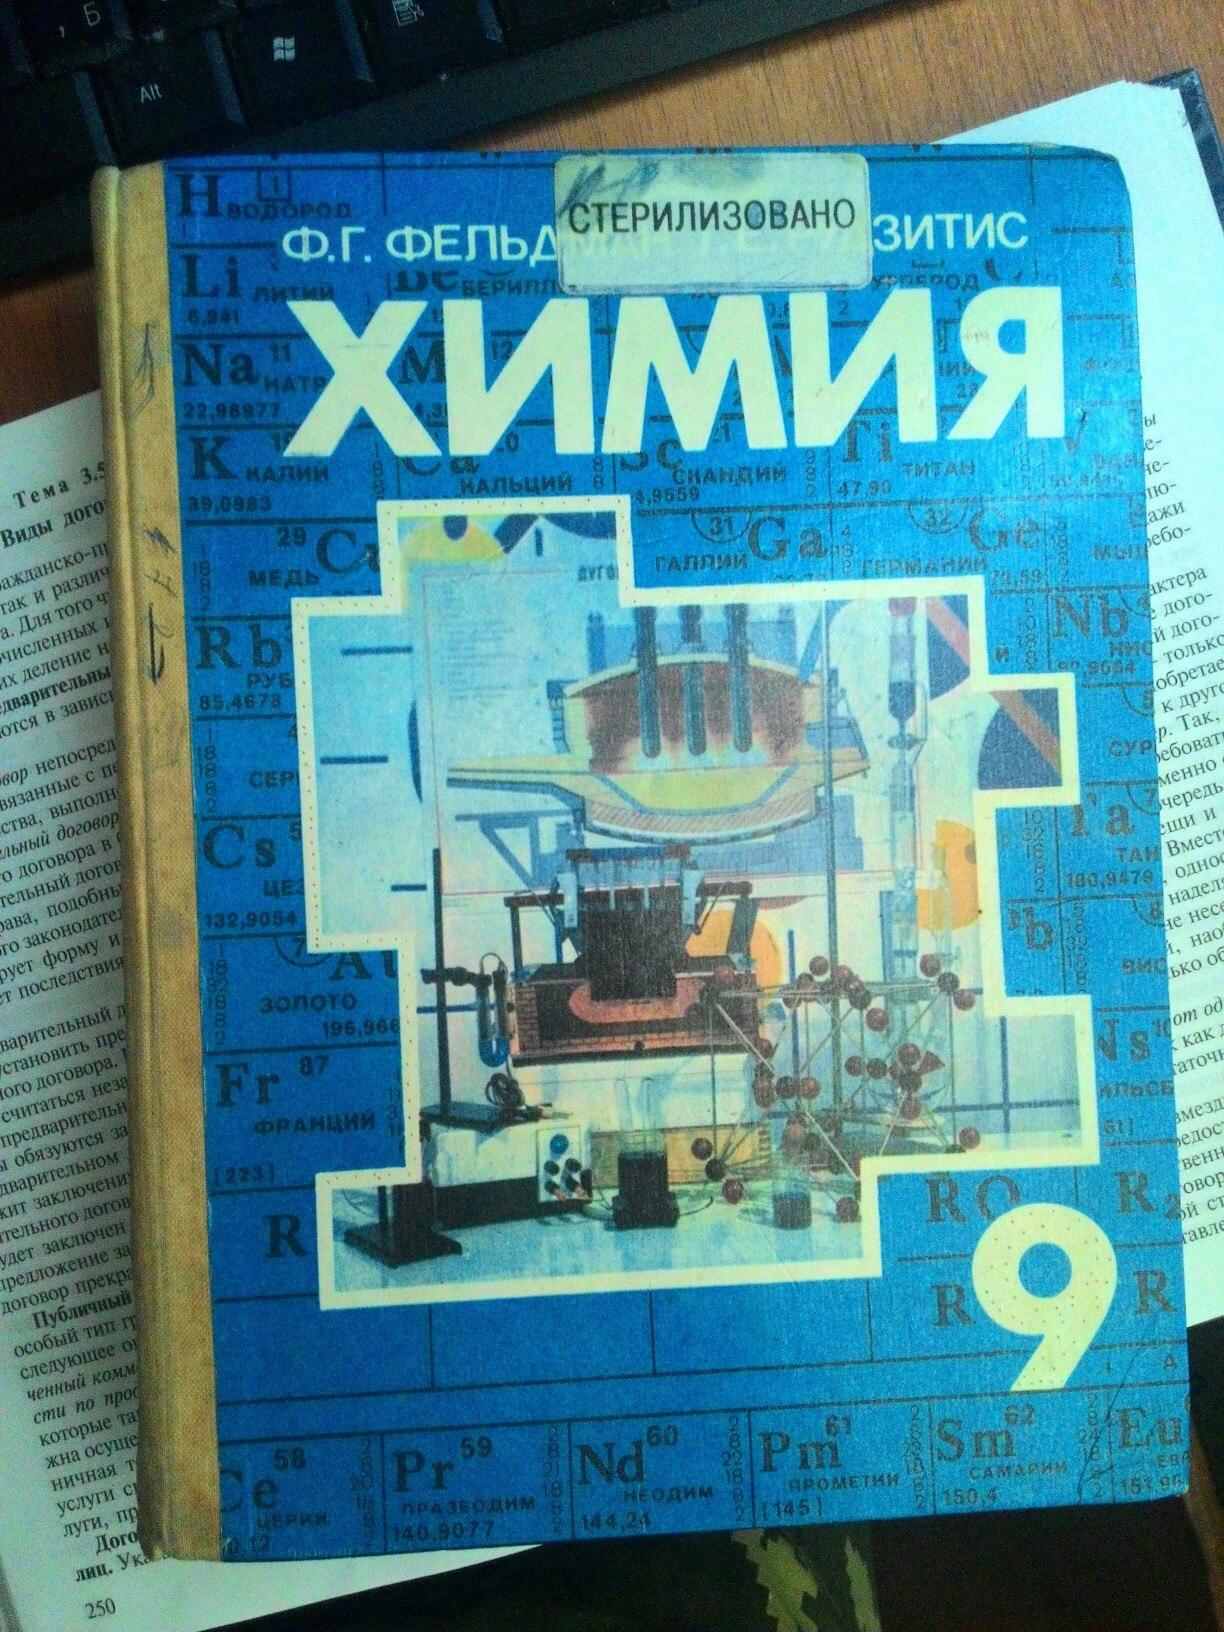 Гдз по татарскому языку 5 класс ханнанов